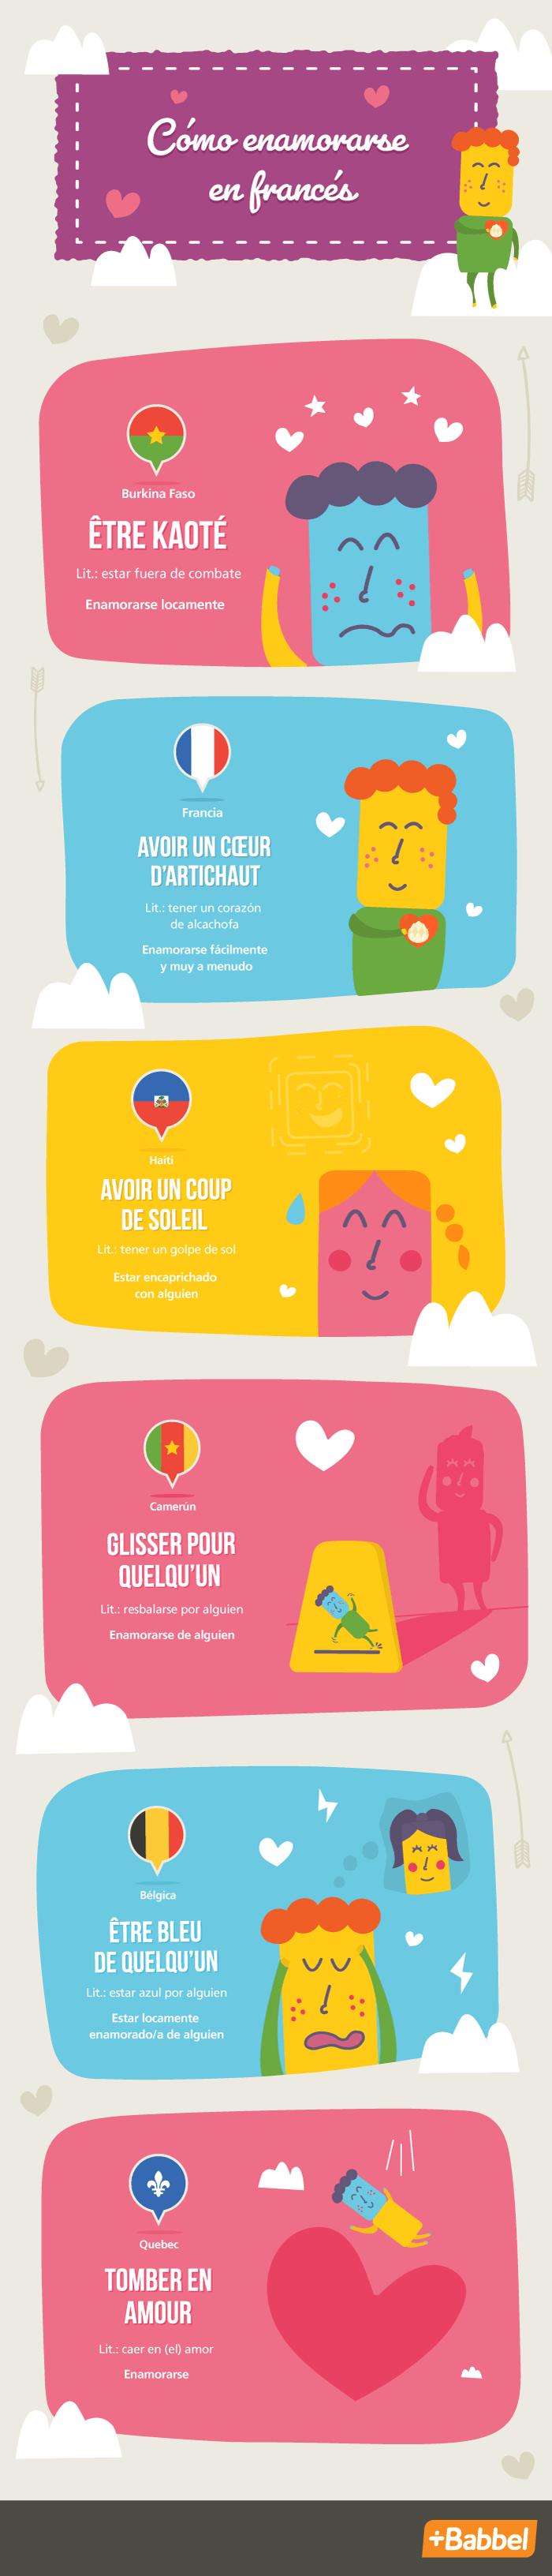 Expresiones Francesas Sobre El Amor Revista De Babbel